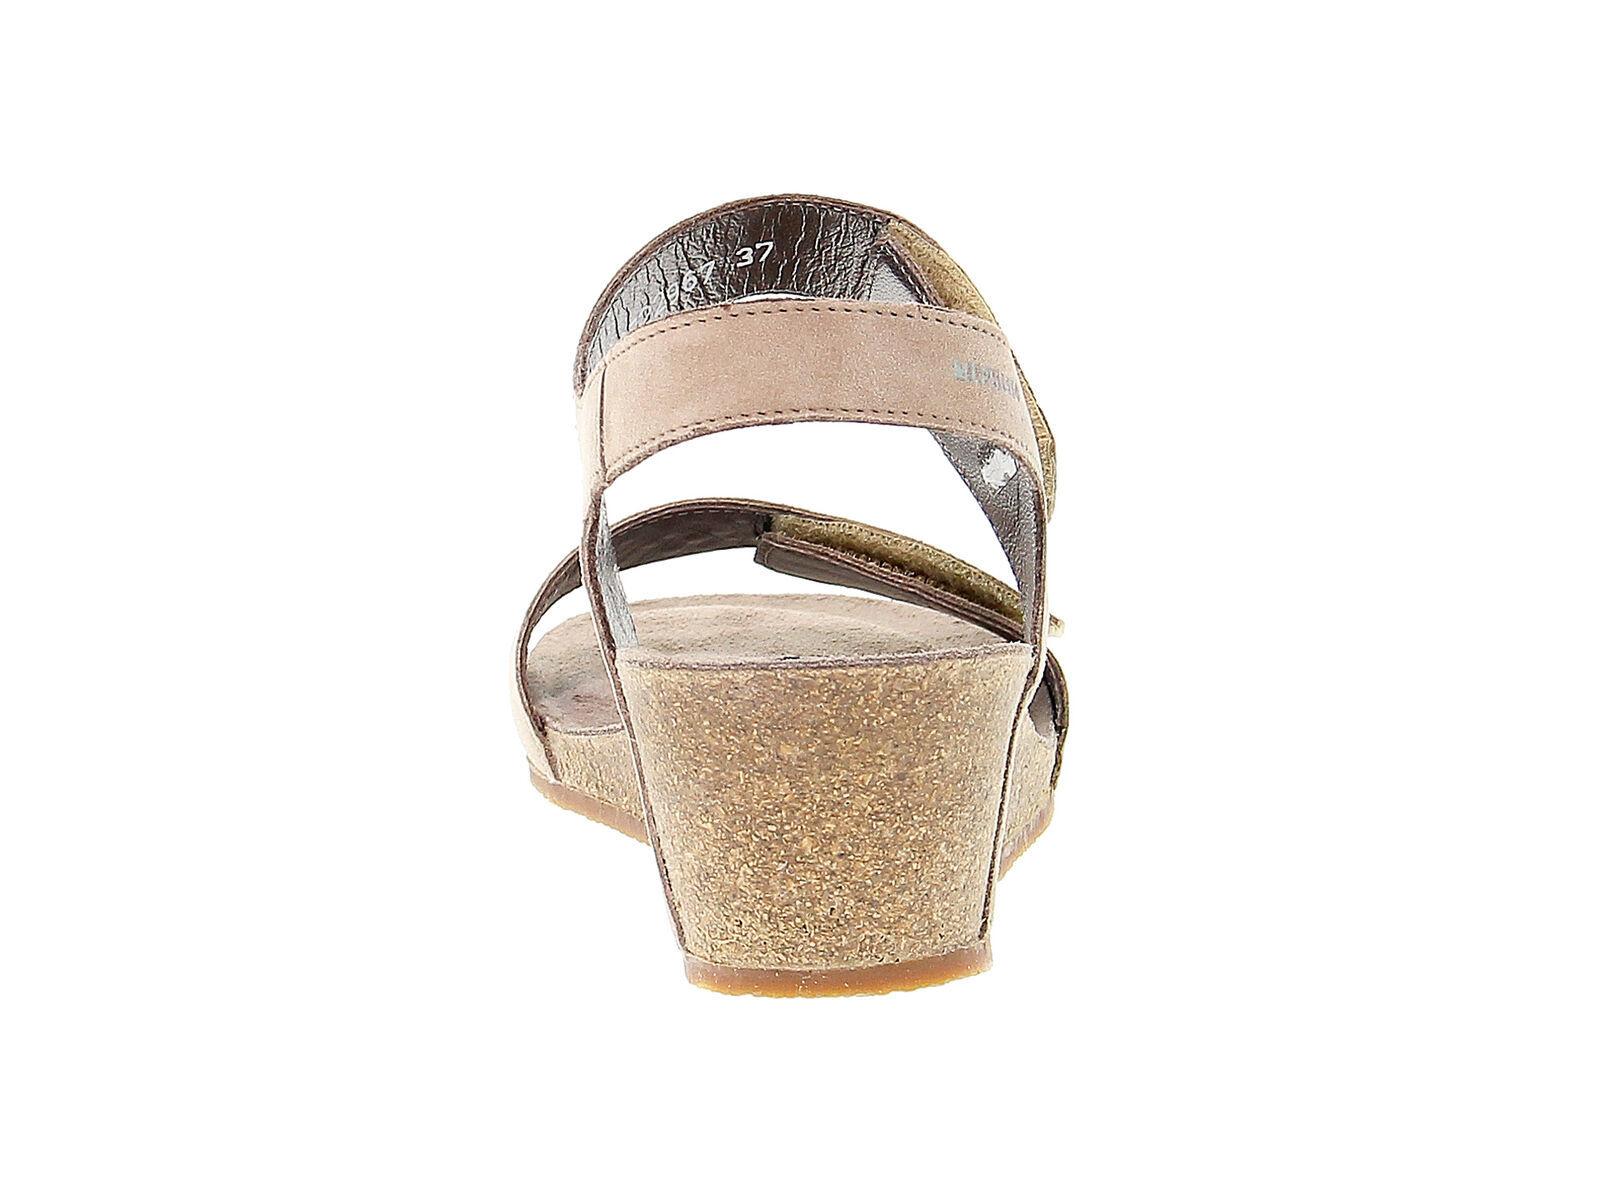 Sandalen mit Absatz MEPHISTO MARIA in taupe gämse - Schuhe Damen